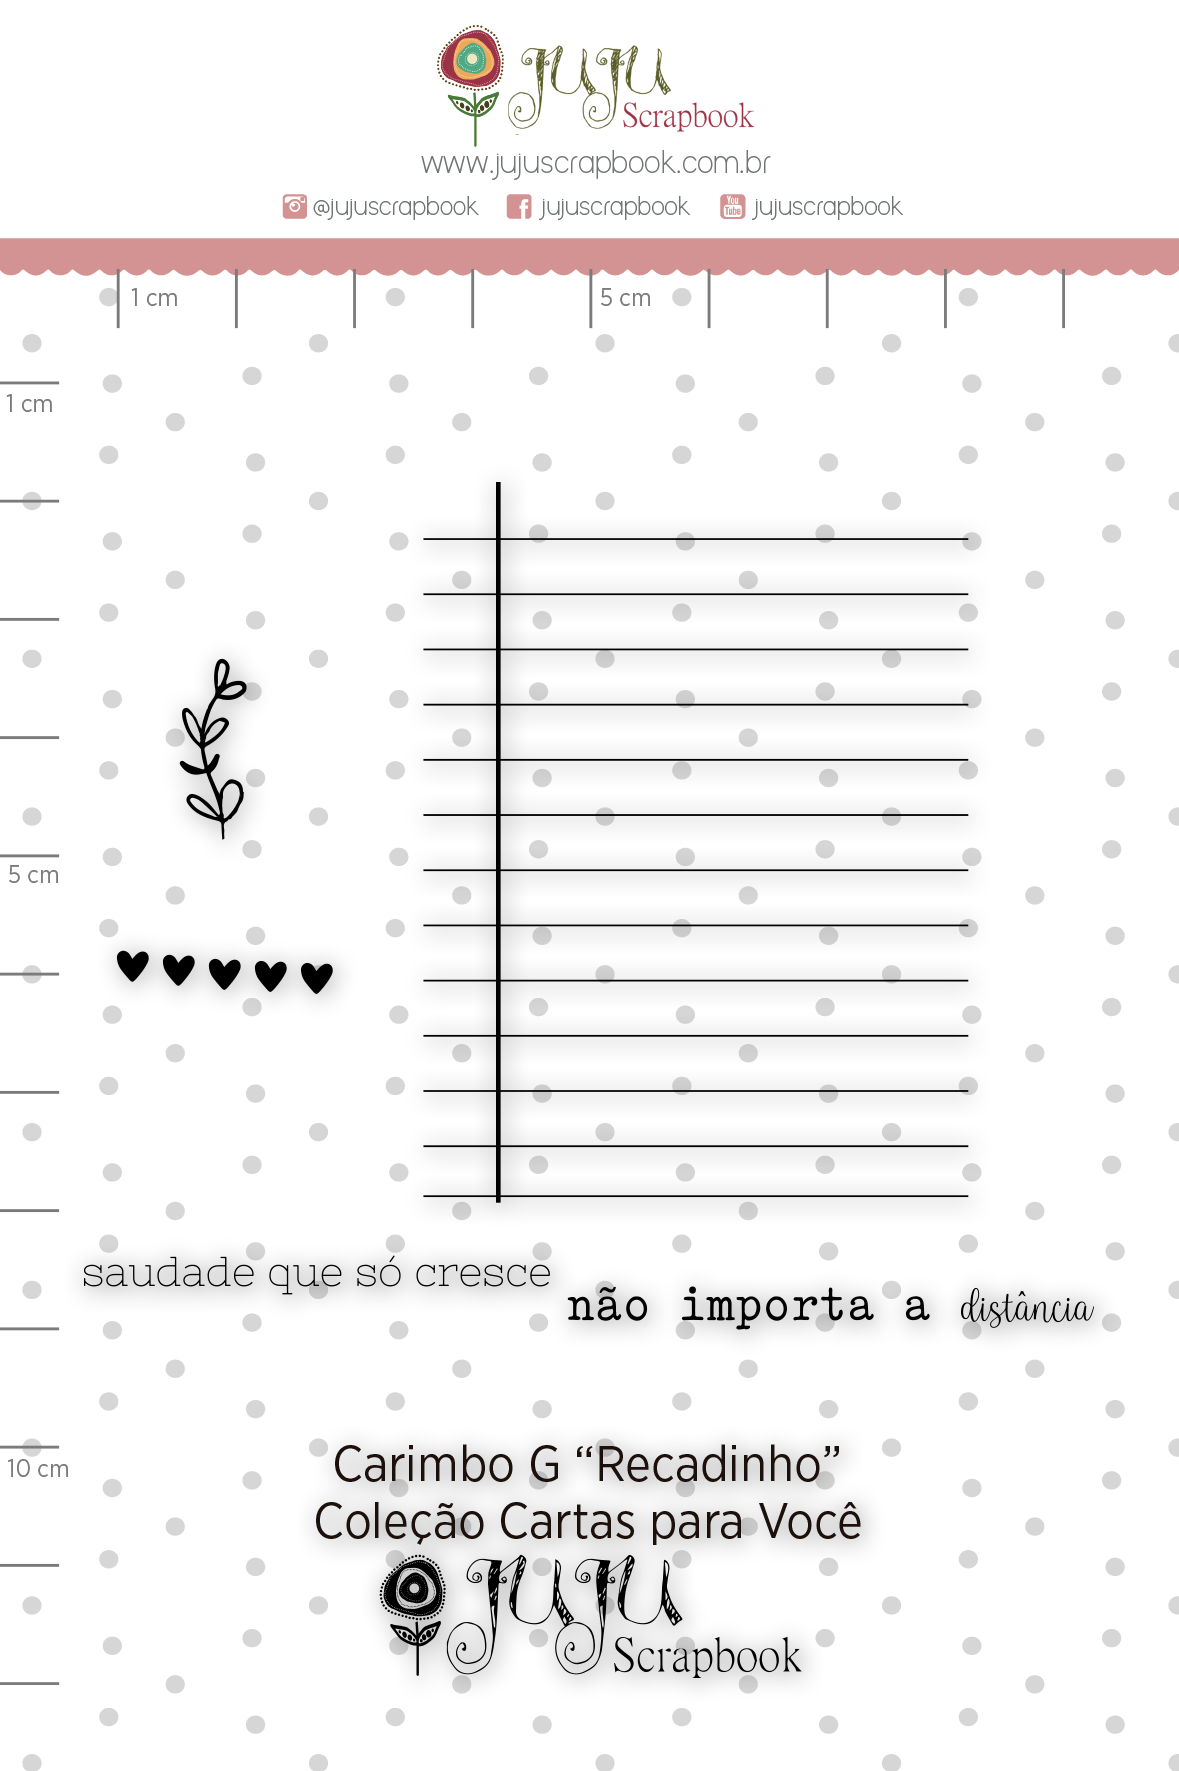 Carimbo G Recadinhos - Coleção Cartas para Você - JuJu Scrapbook  - JuJu Scrapbook